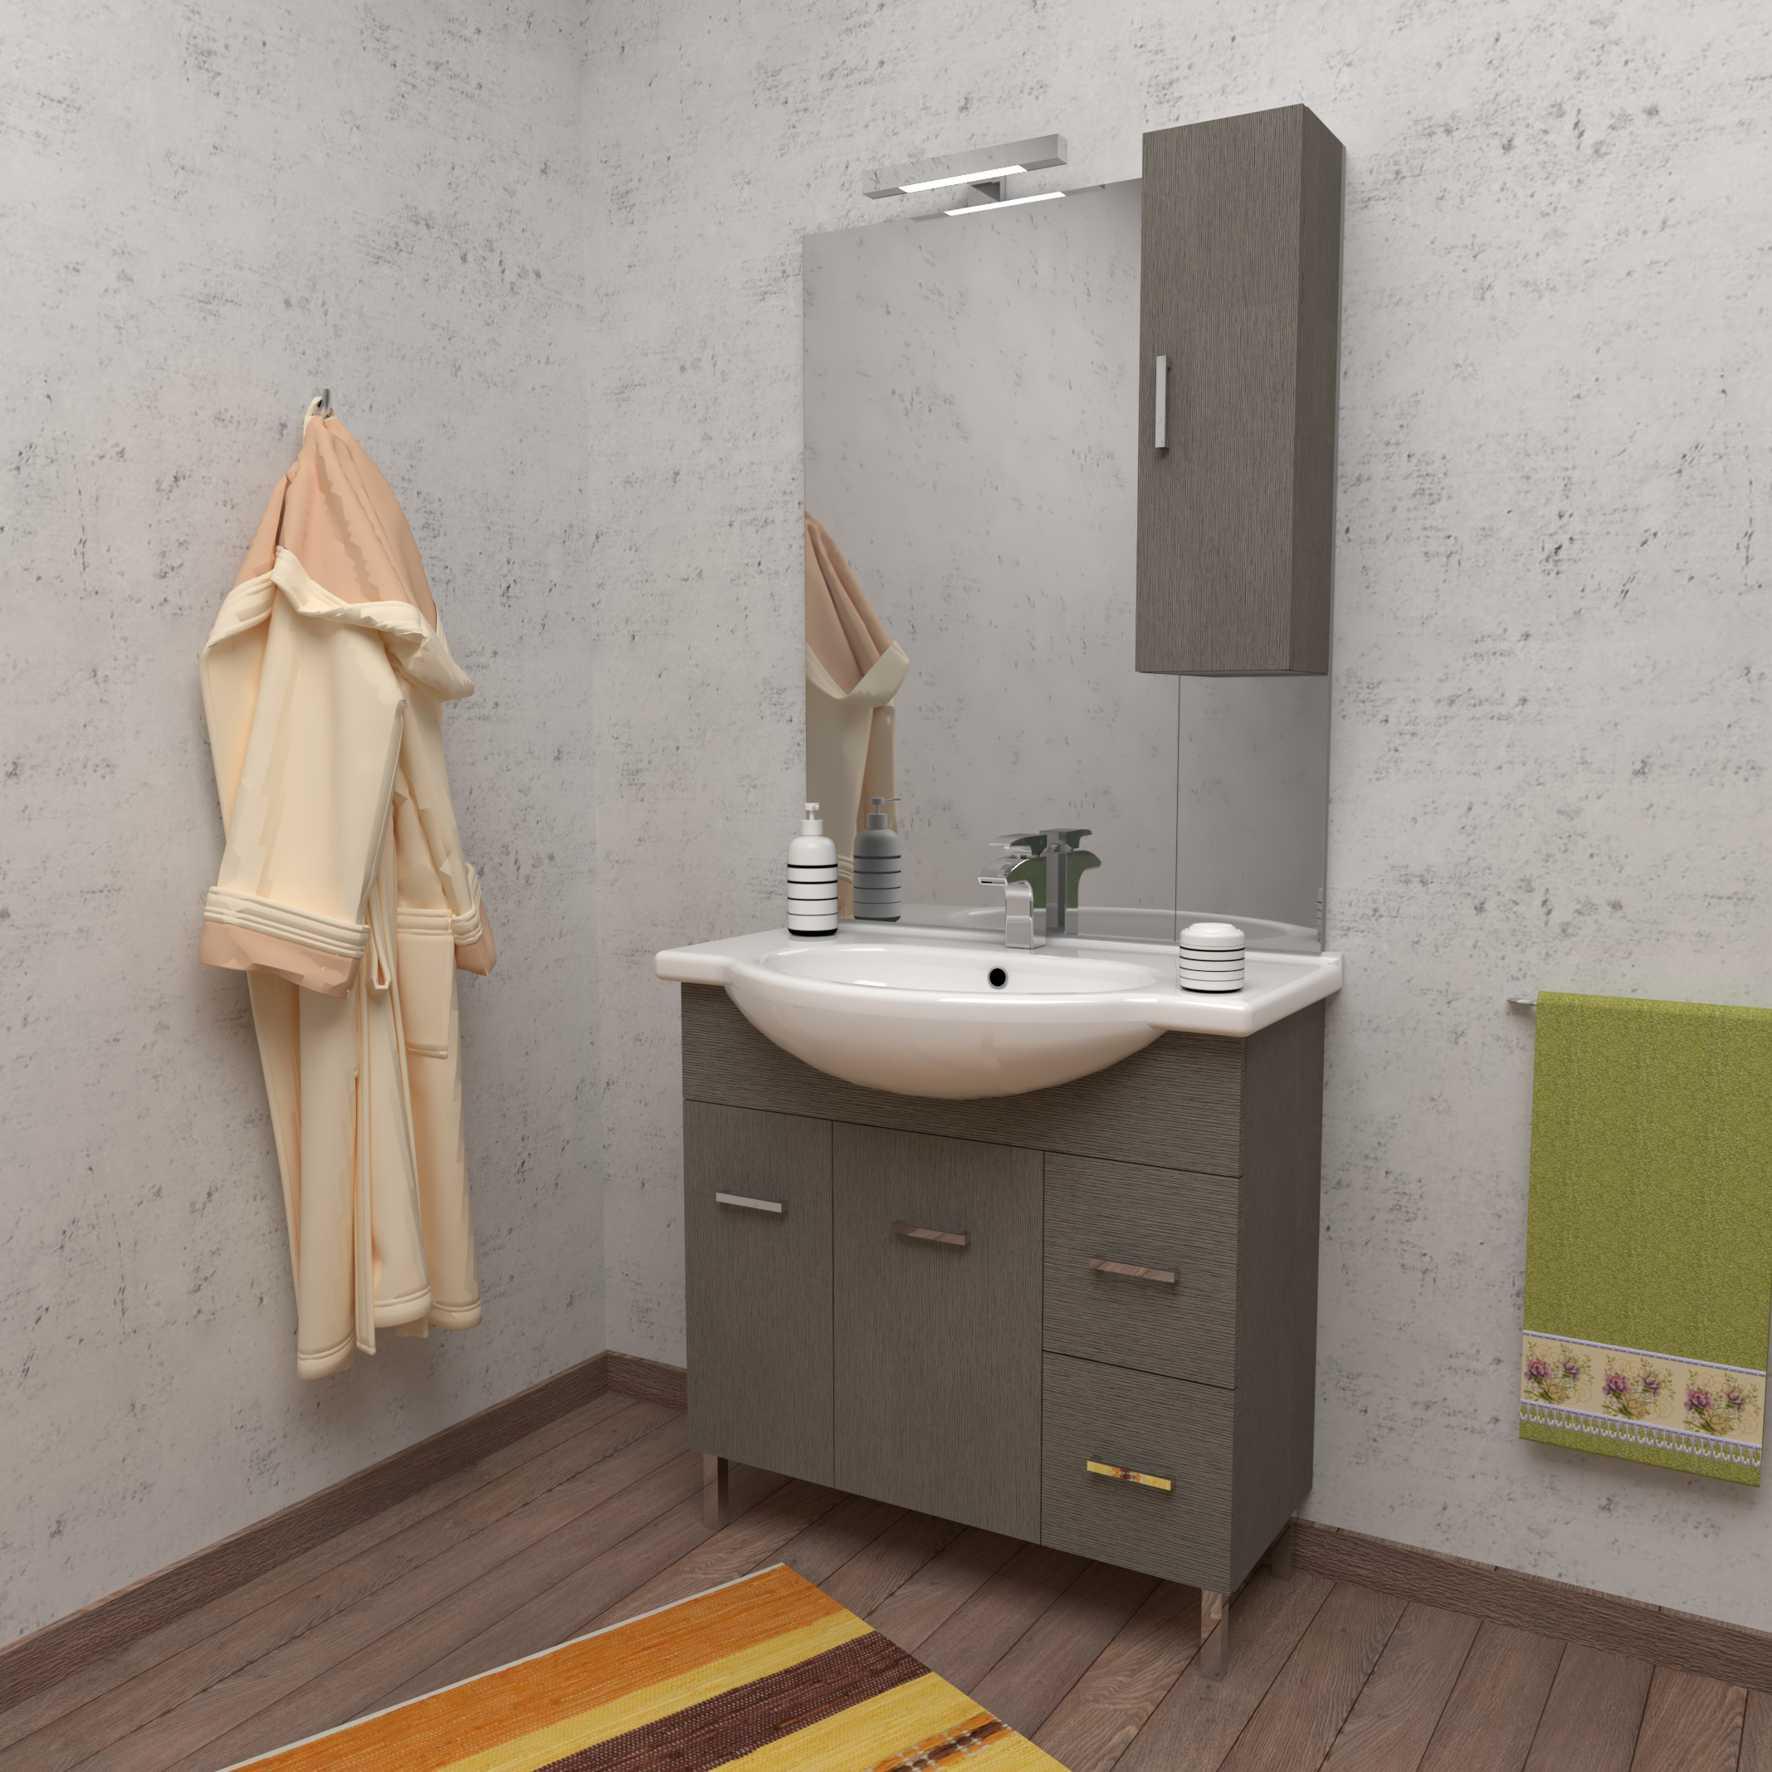 Mobile bagno a terra PALMA 85 cm 85x50 grigio larice con lavabo in ceramica